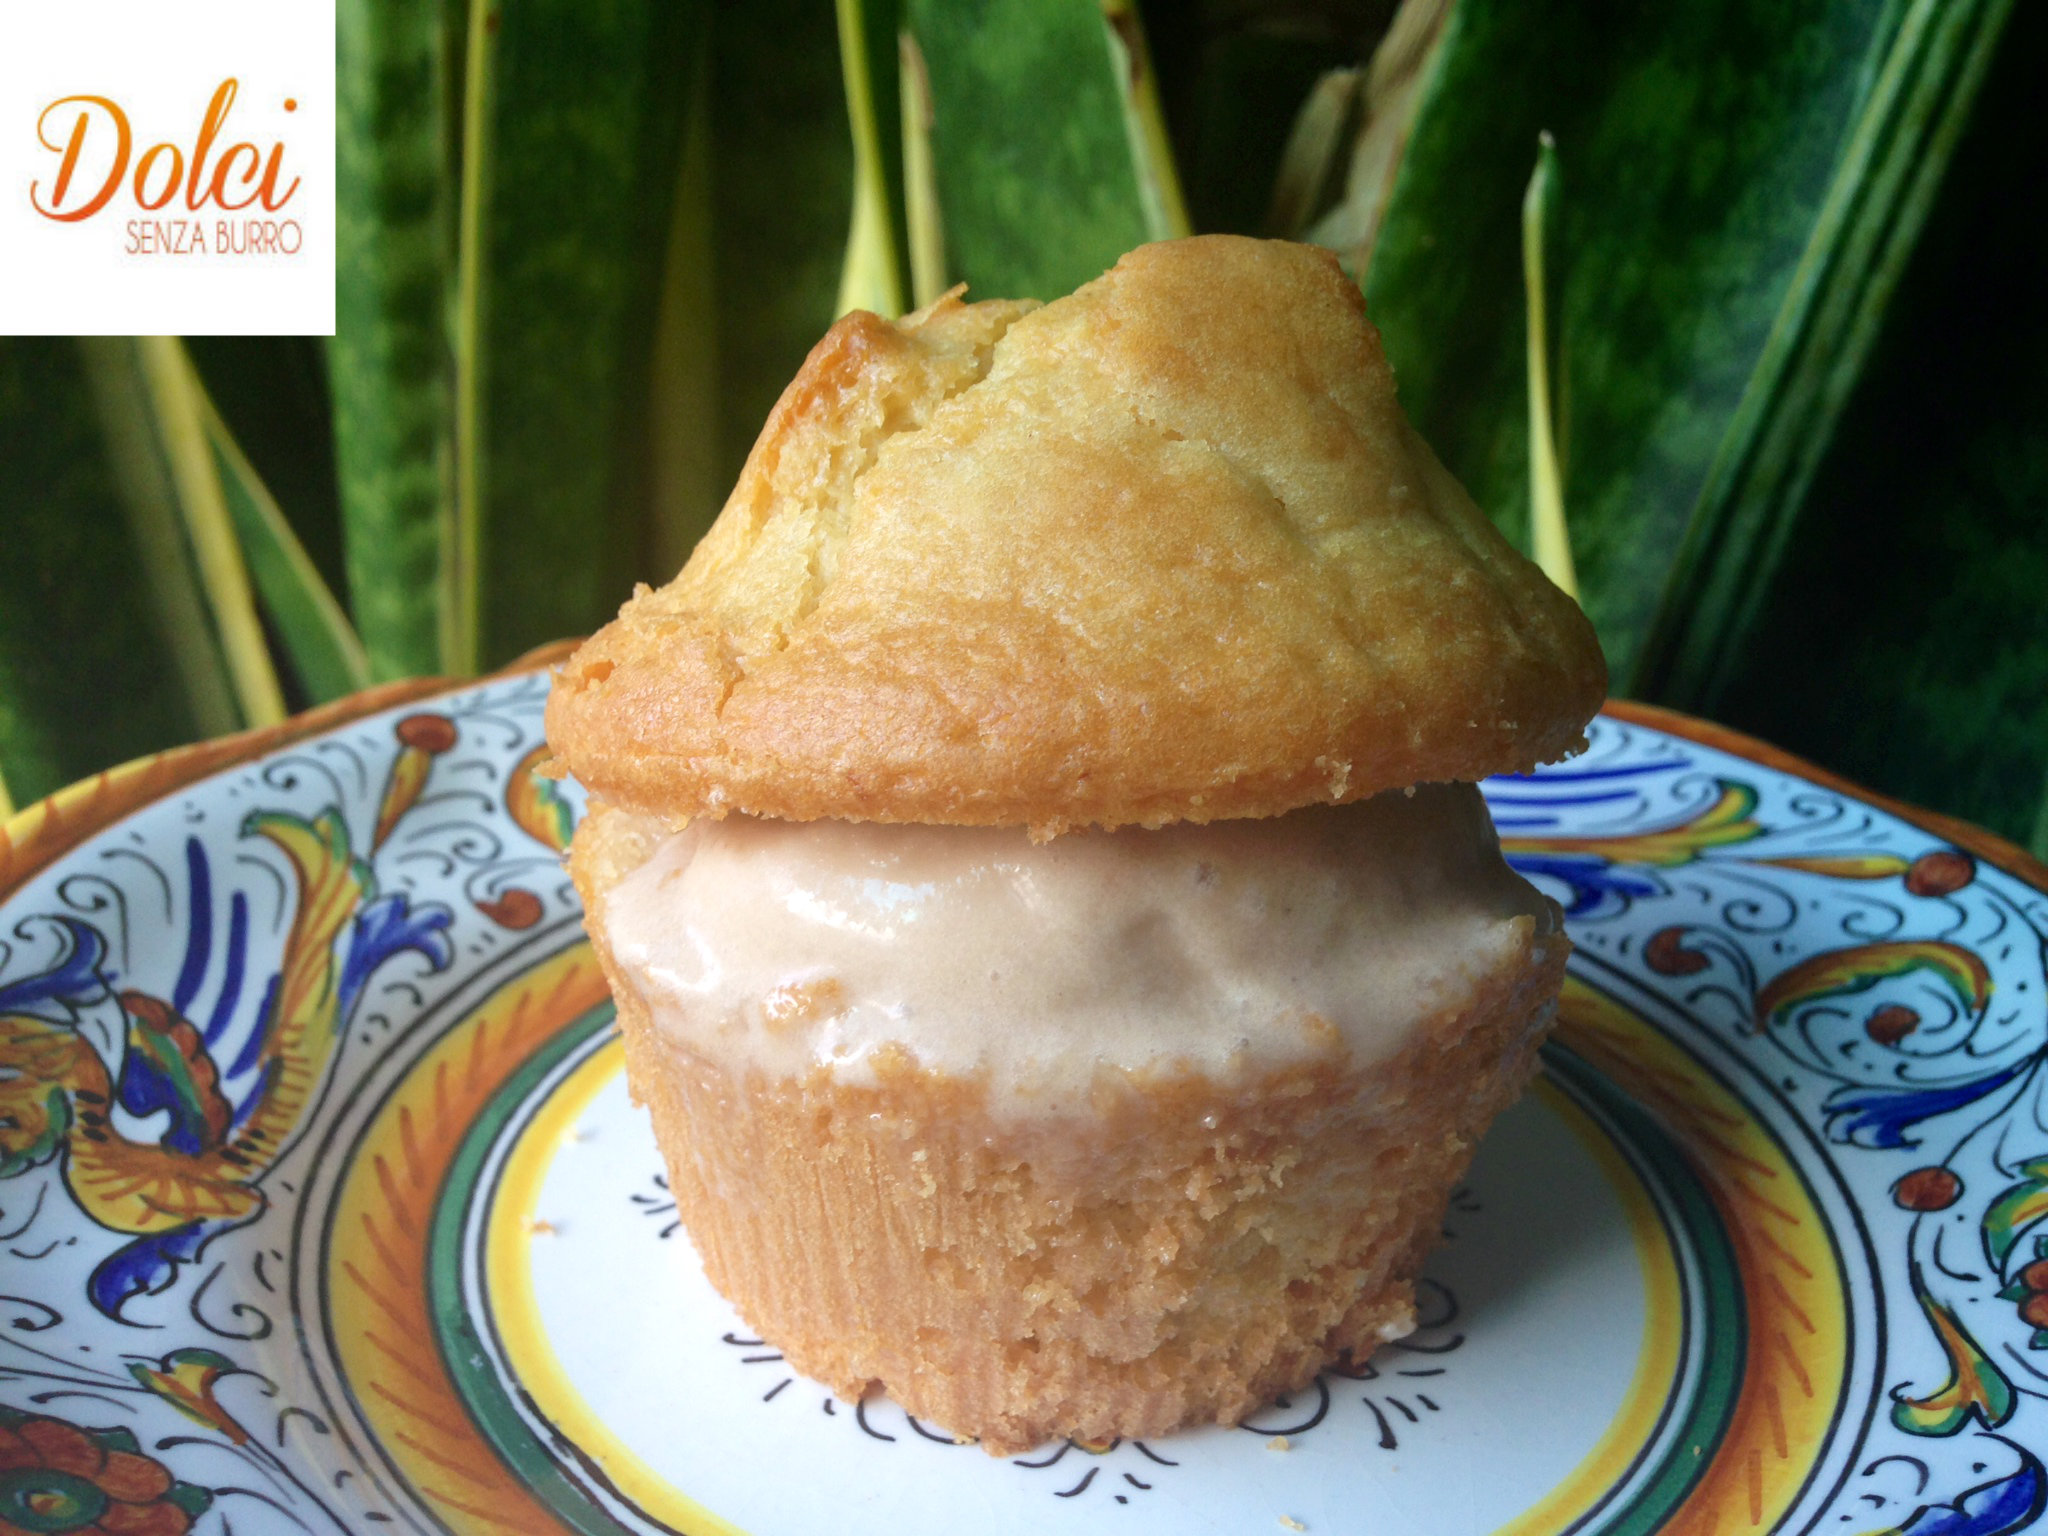 muffin di gelato senza burro, il dolce estivo di dolci senza burro